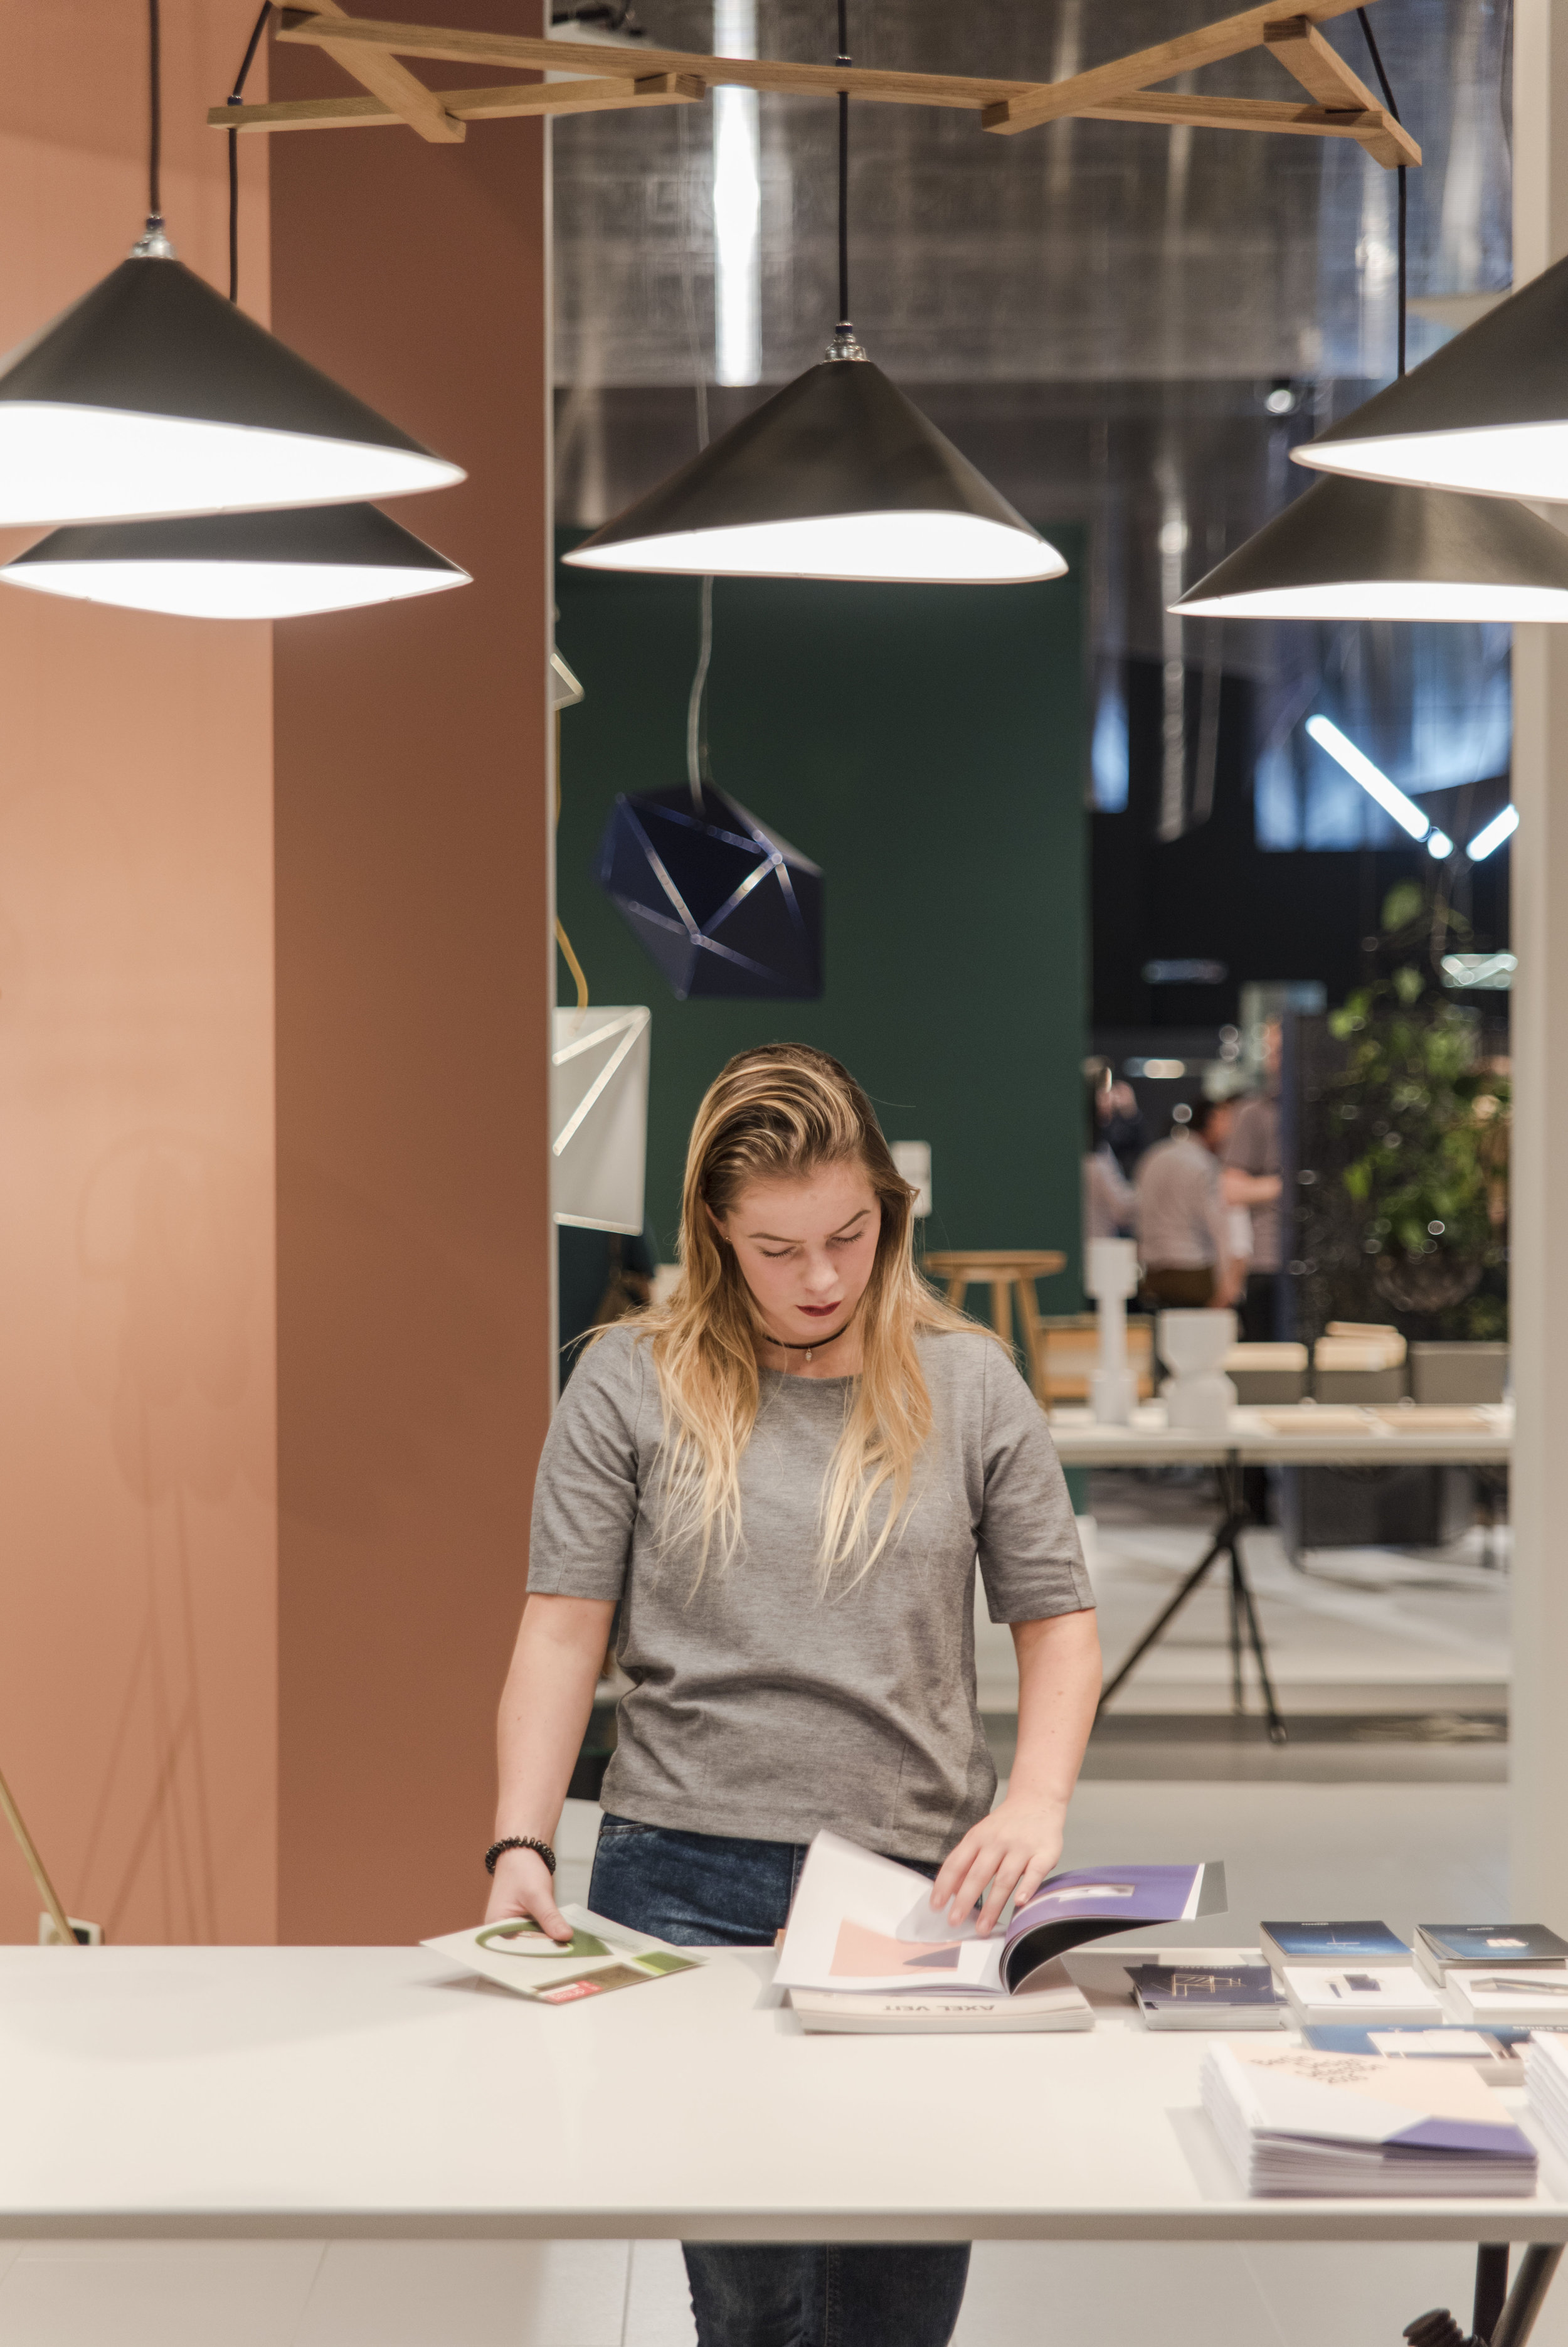 berlin-design-selection-kortrijk_tradefair-exhibition-design_coordination-berlin_14.jpg